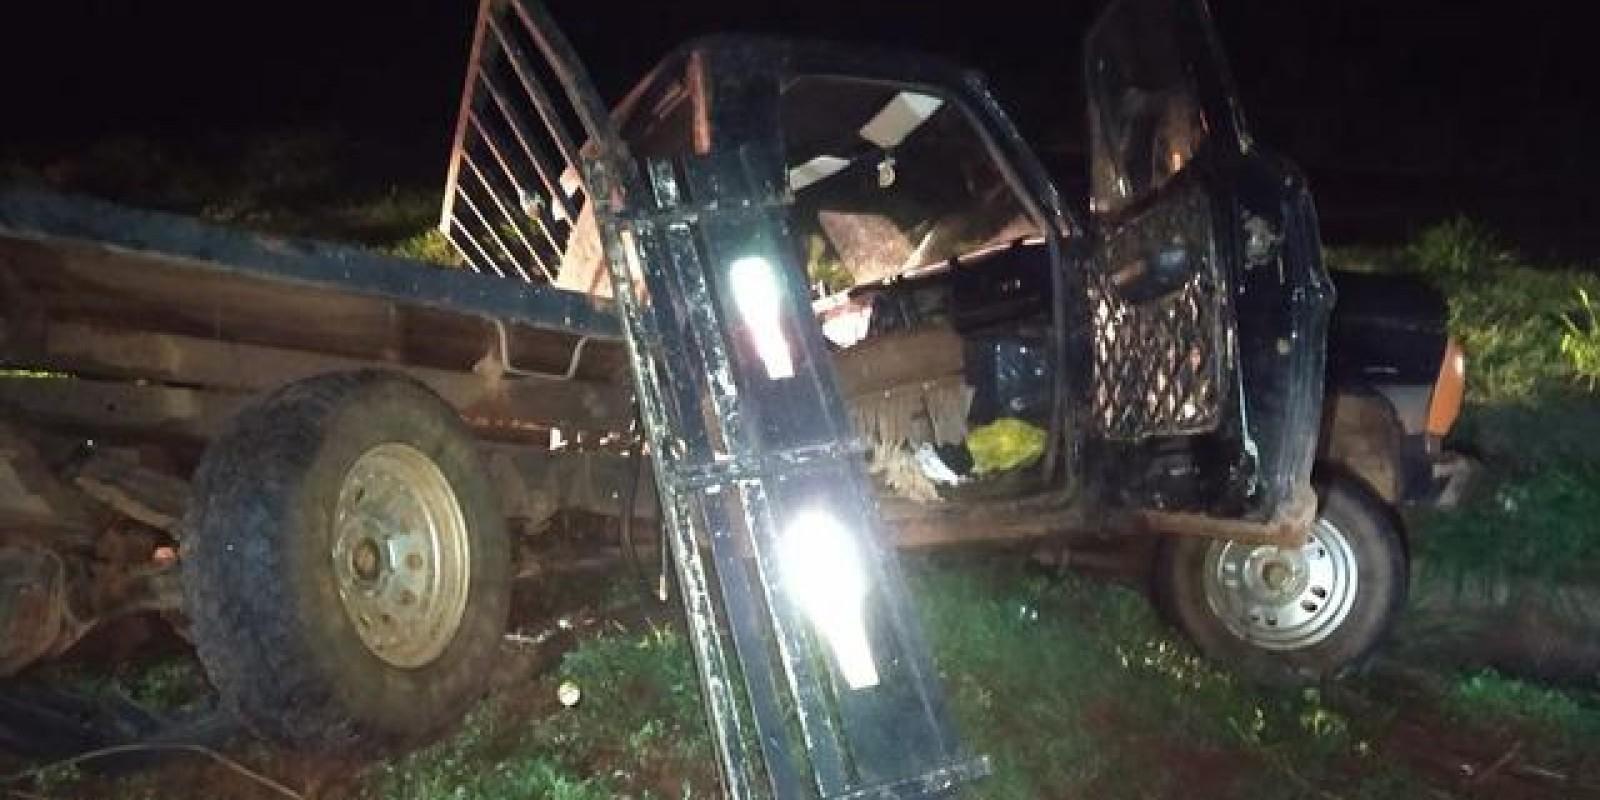 Camionete sem sinalização parada na pista causa acidente perto da ponte de Jupiá